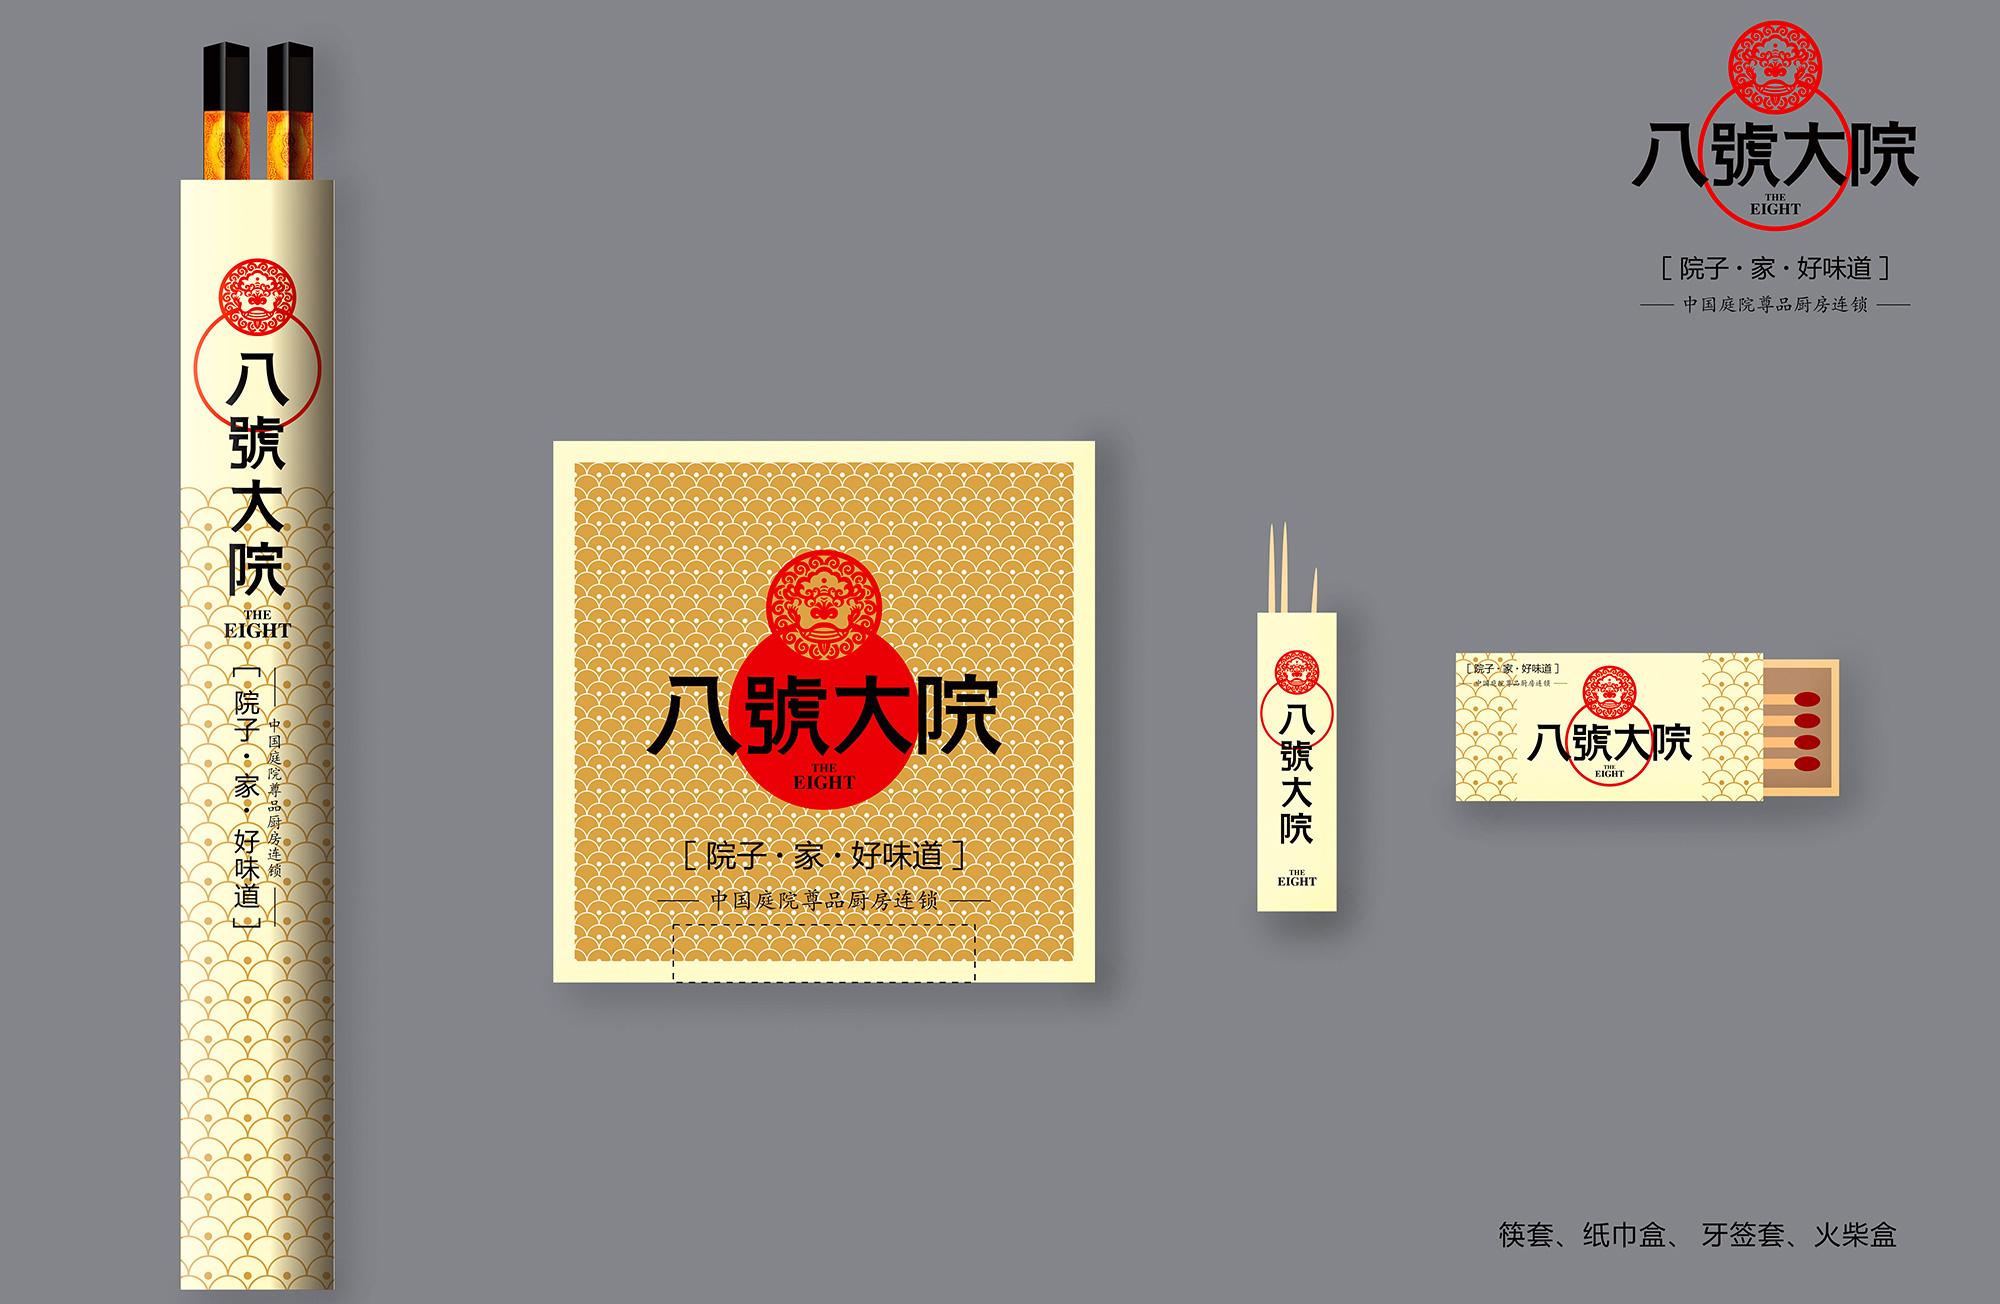 17(八号大院-长沙店)